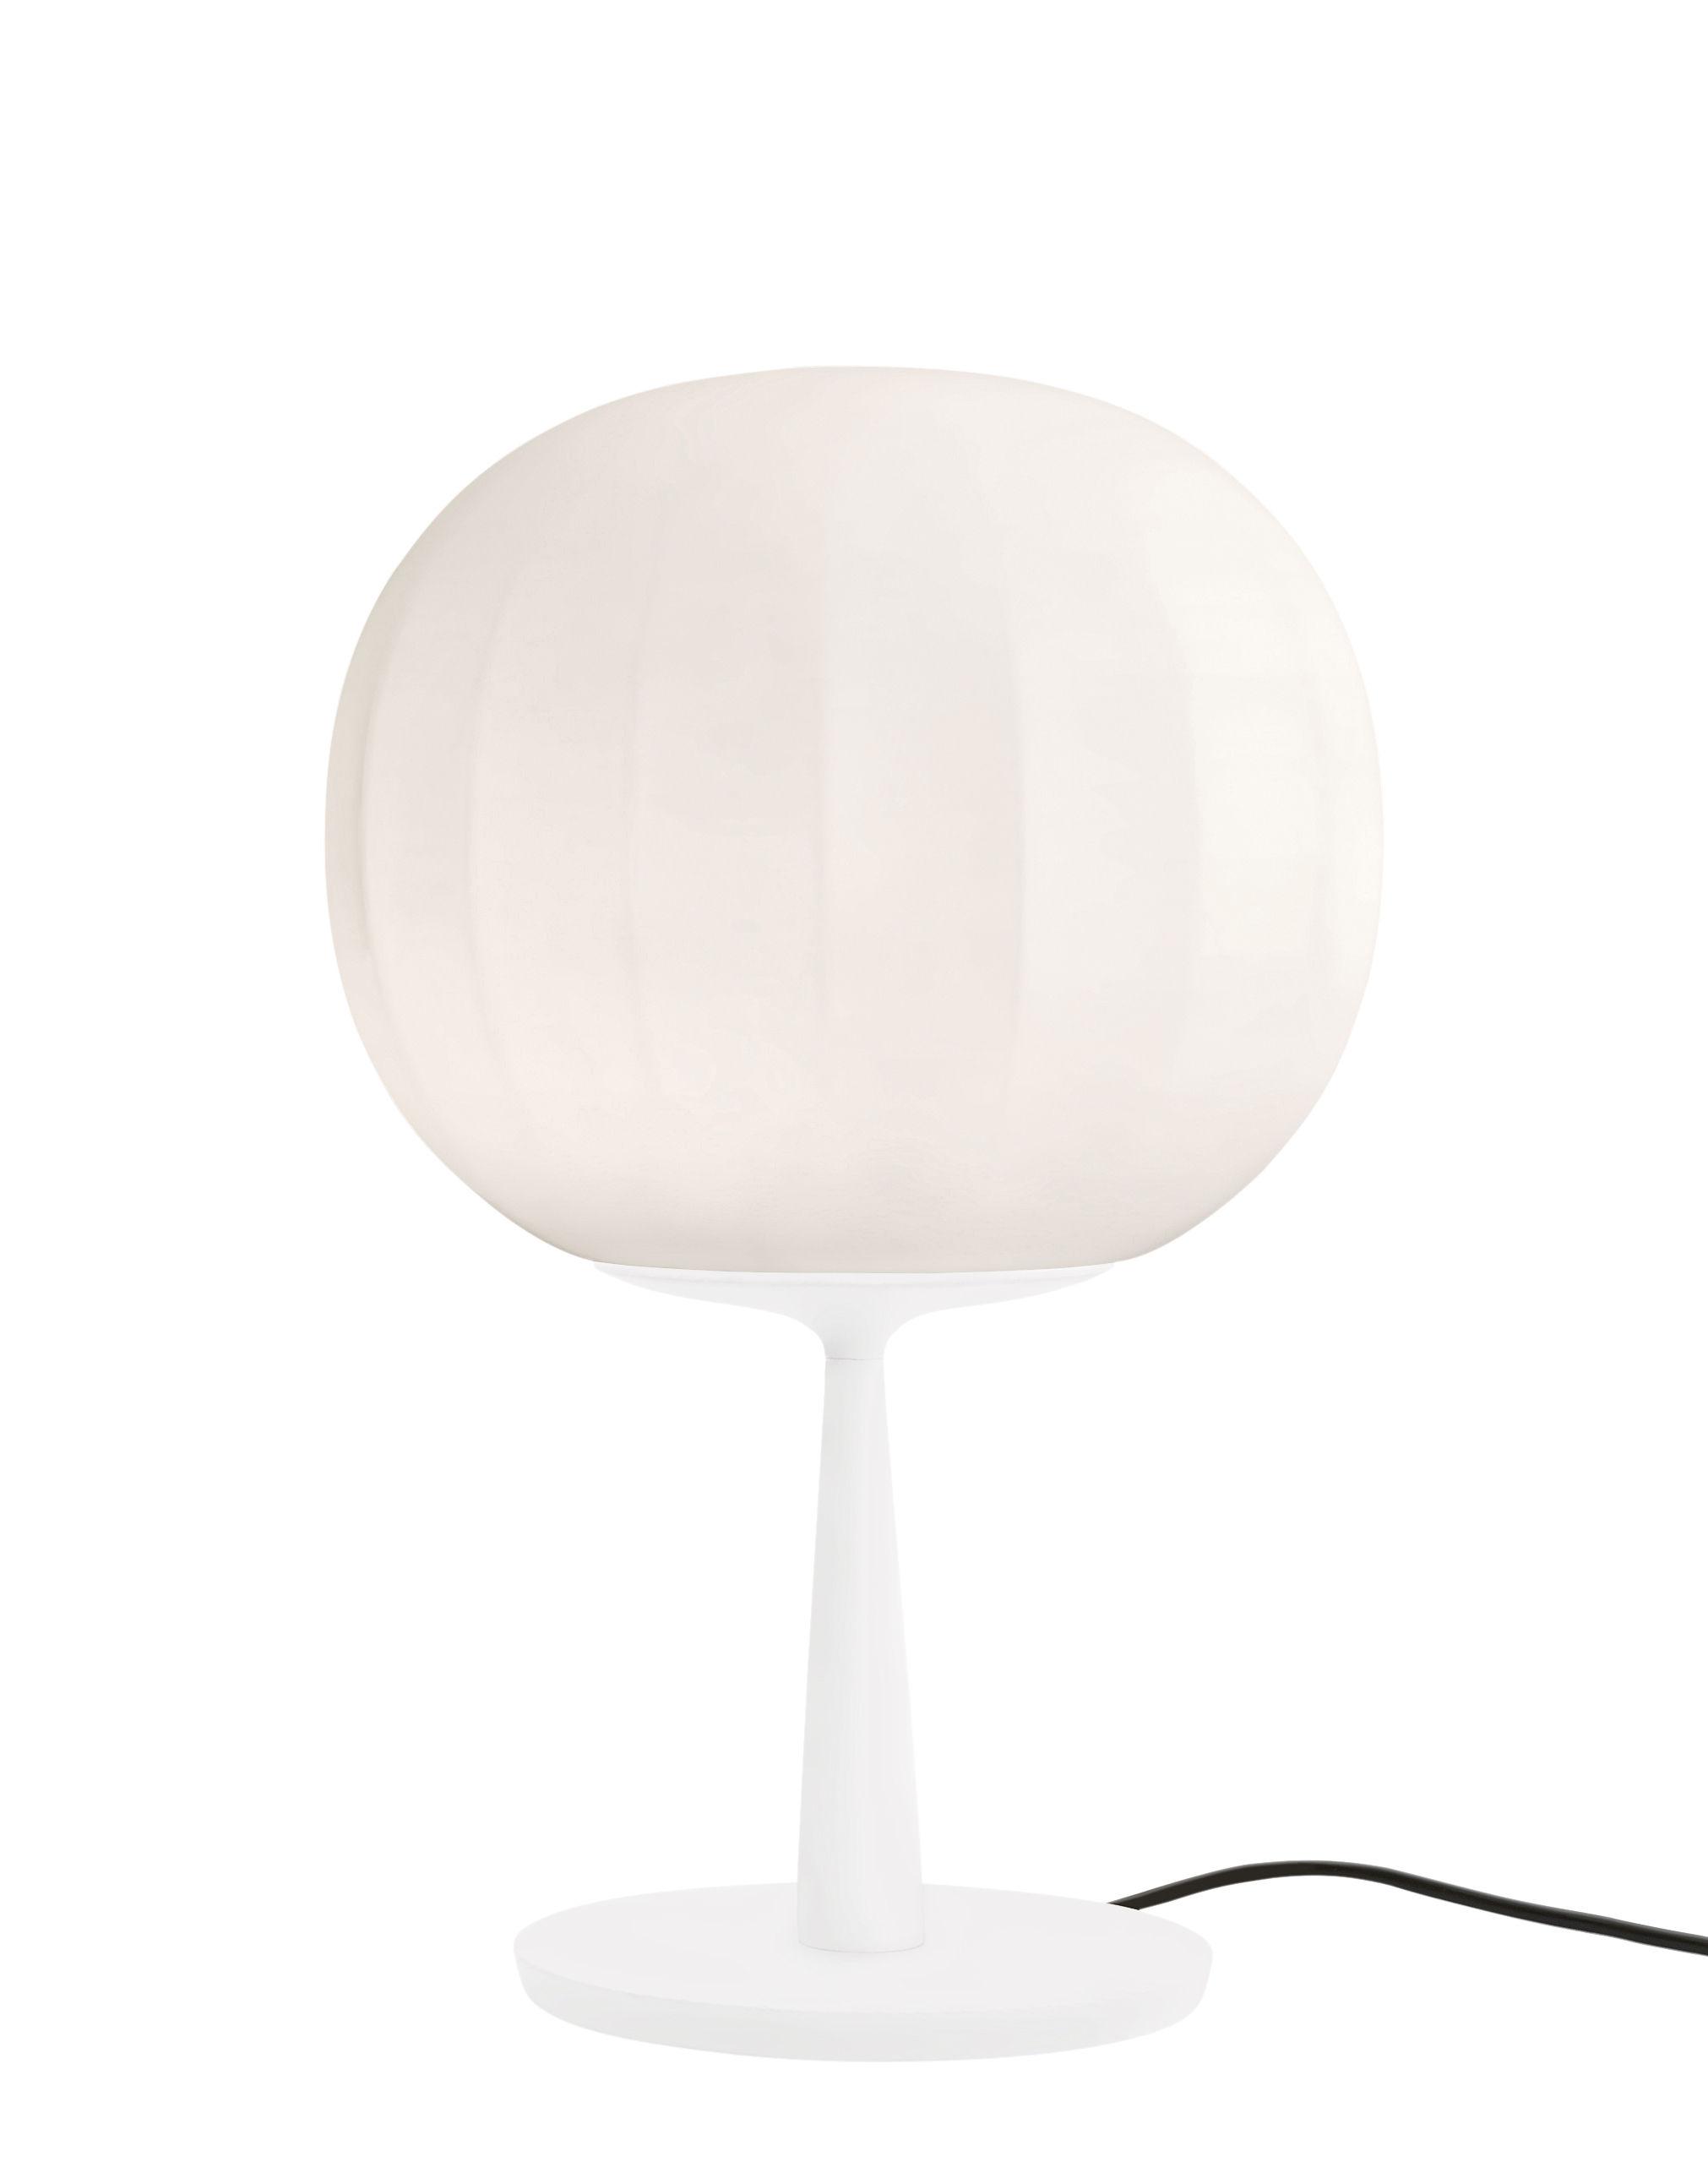 Leuchten - Tischleuchten - Lita Tischleuchte / LED - Ø 30 cm - Luceplan - Weiß / Ø 30 cm - Aluminium, geblasenes Glas